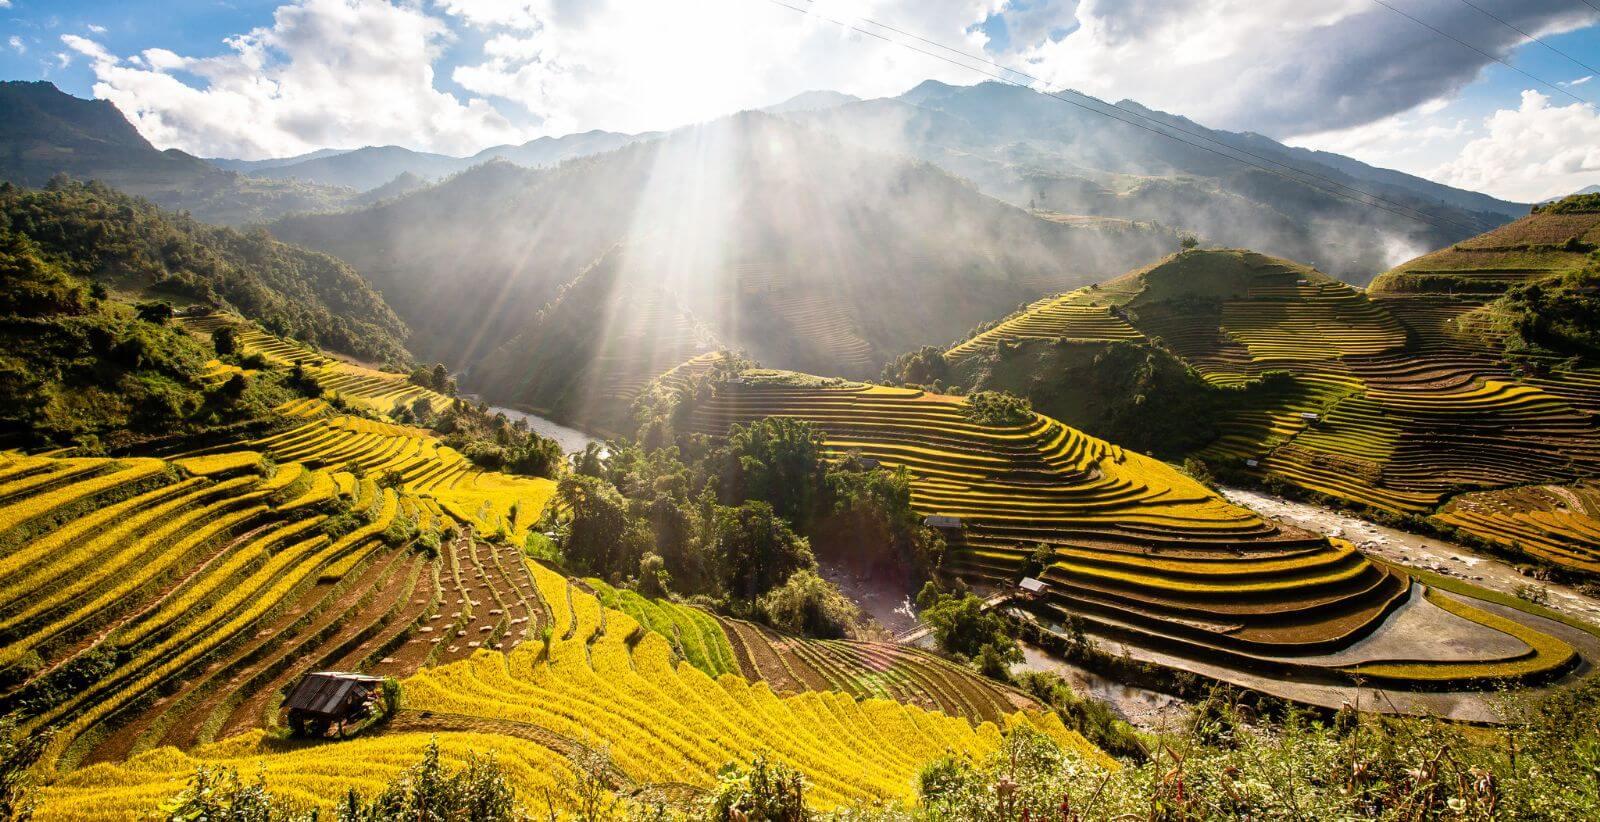 Du lịch Mù Cang Chải 2020 – Những địa điểm săn ảnh đẹp nhất - Đại Sứ Quán  Việt Nam Tại MôngCổ